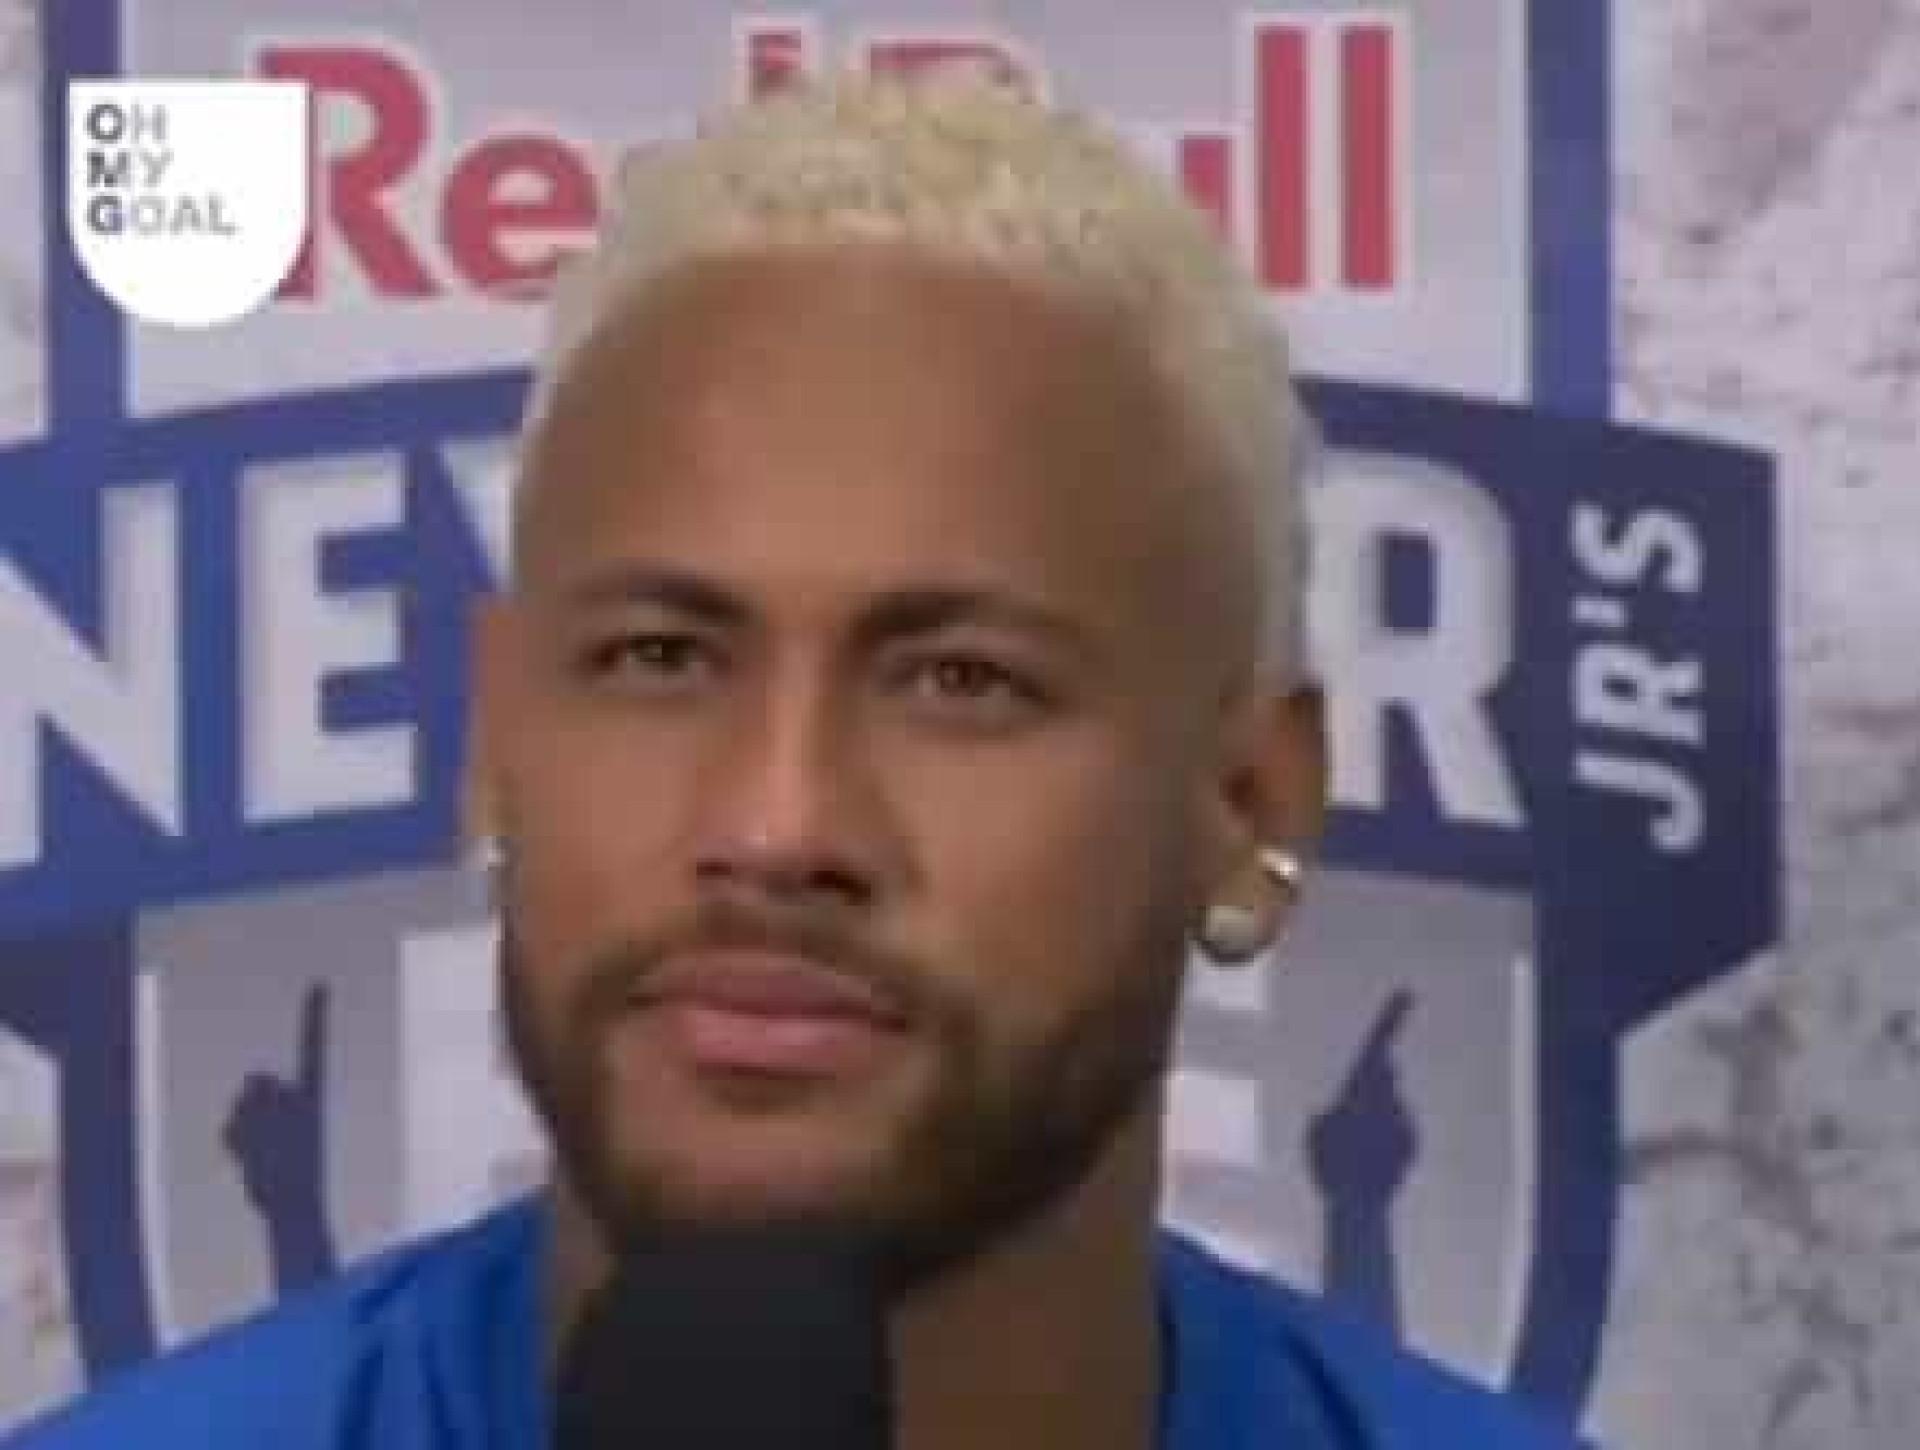 Melhor memória? Resposta de Neymar surpreende... e não agradará ao PSG